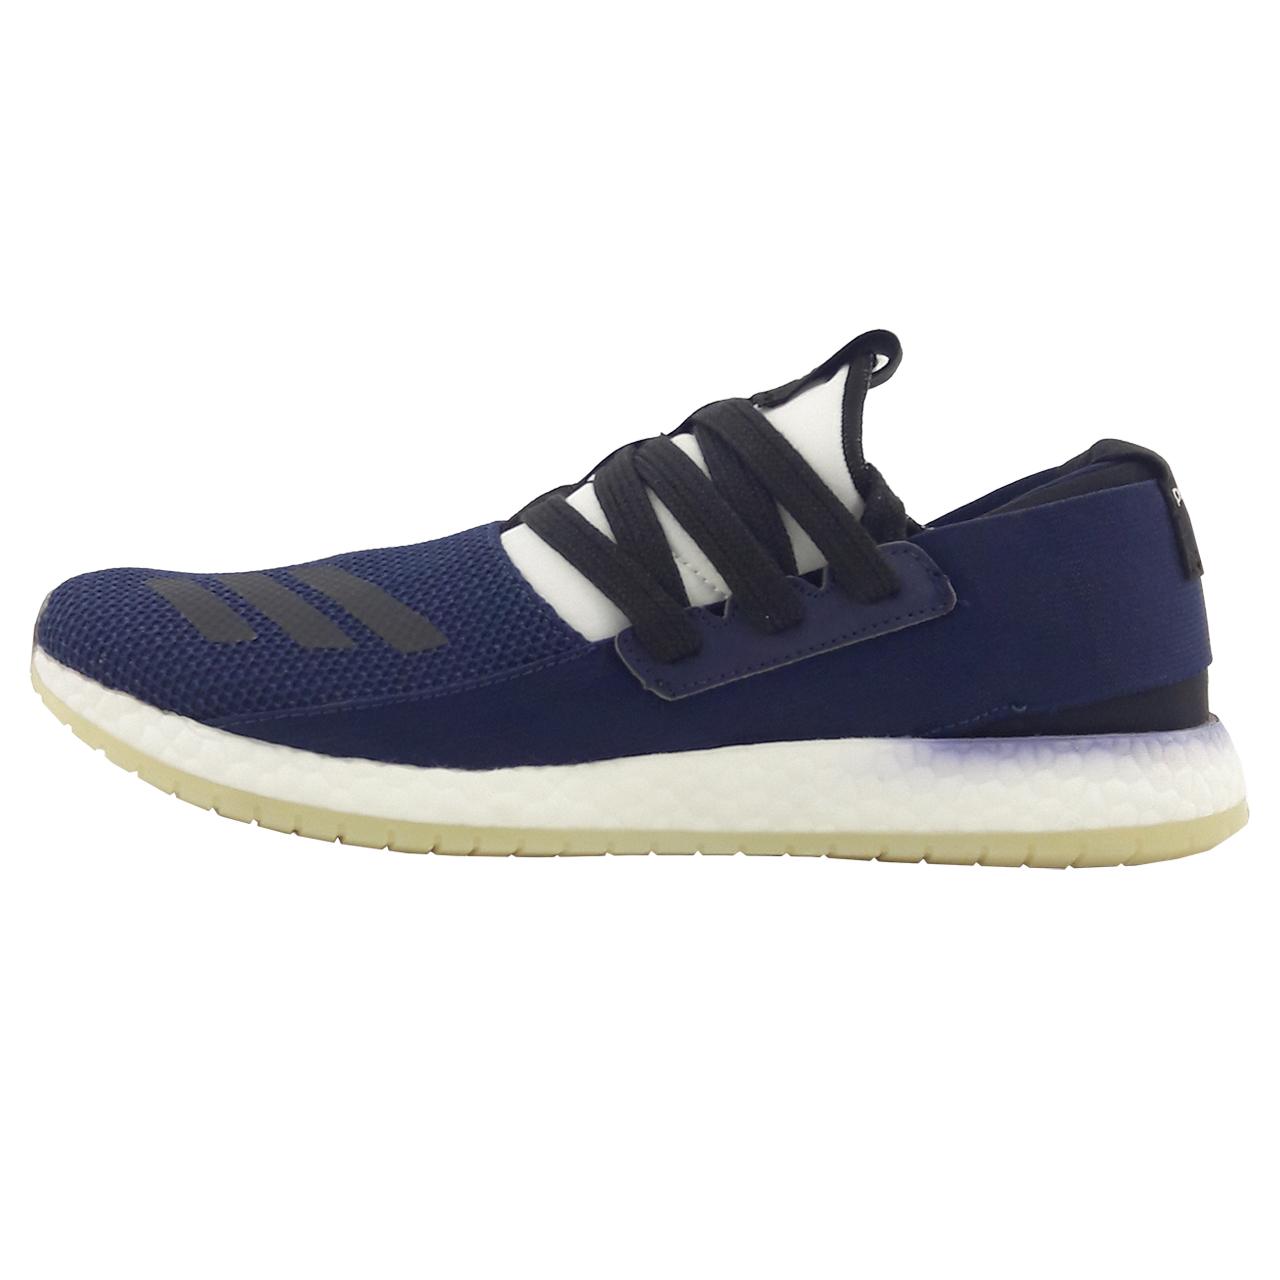 کفش مخصوص پیاده روی مردانه مدل P.r nvy